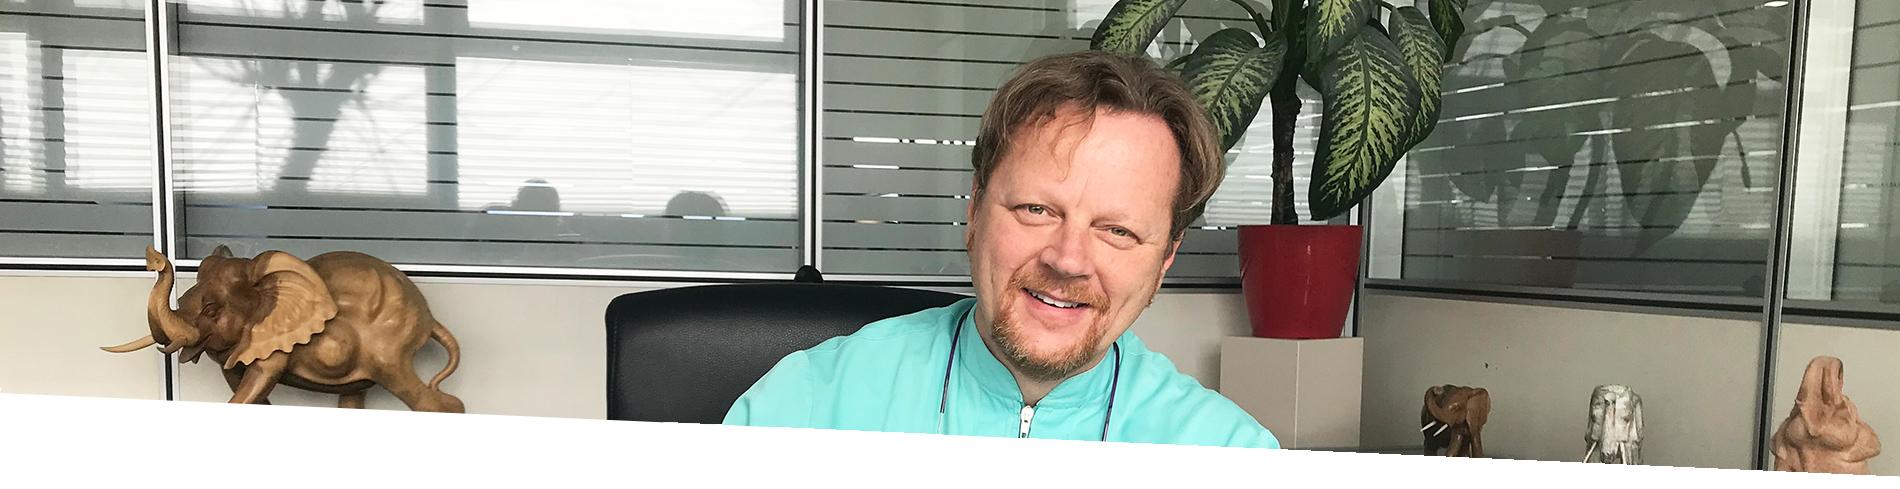 Specialist Dental Technician Agostino Mauro Caprini